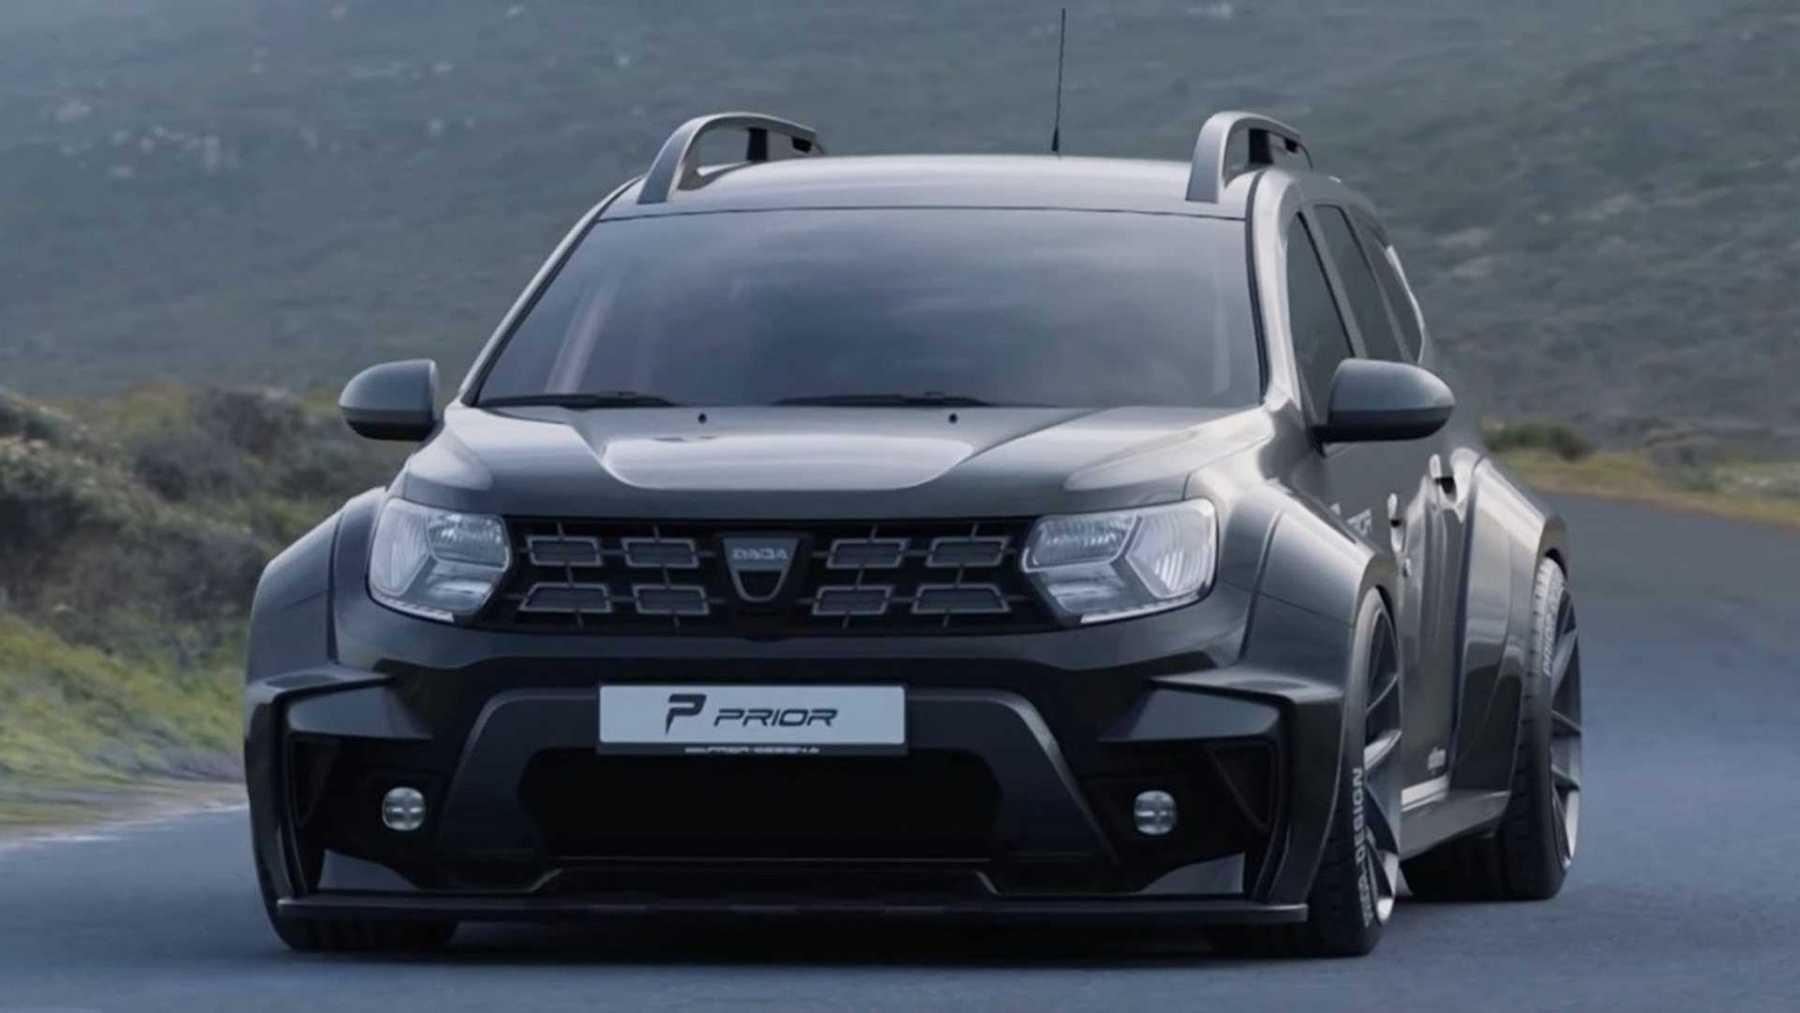 Dacia Duster - Tuning Prior Design